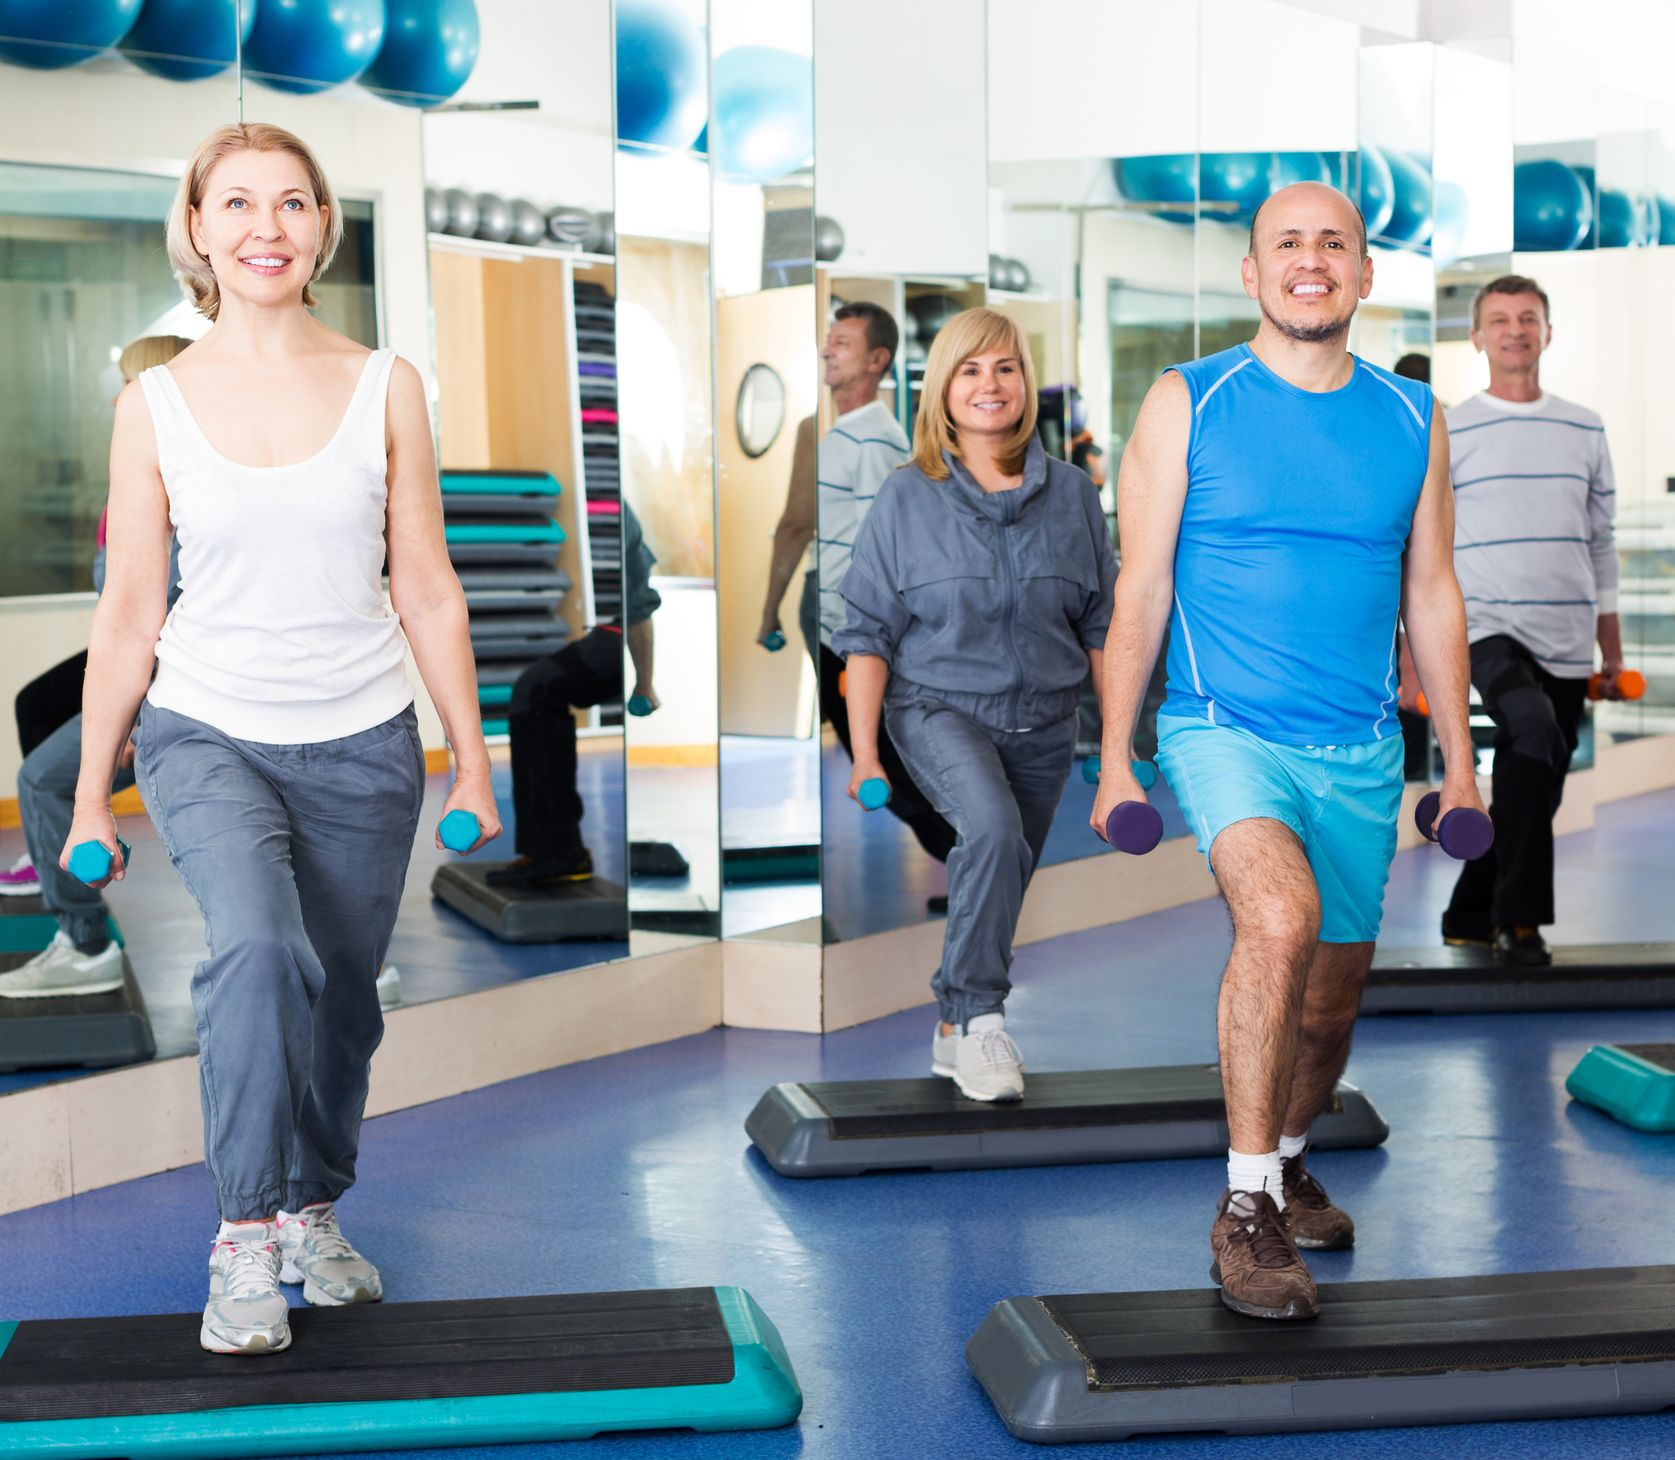 Pohybové aktivity pre náročnejších: Spália nadbytok energie a vyformujú postavu